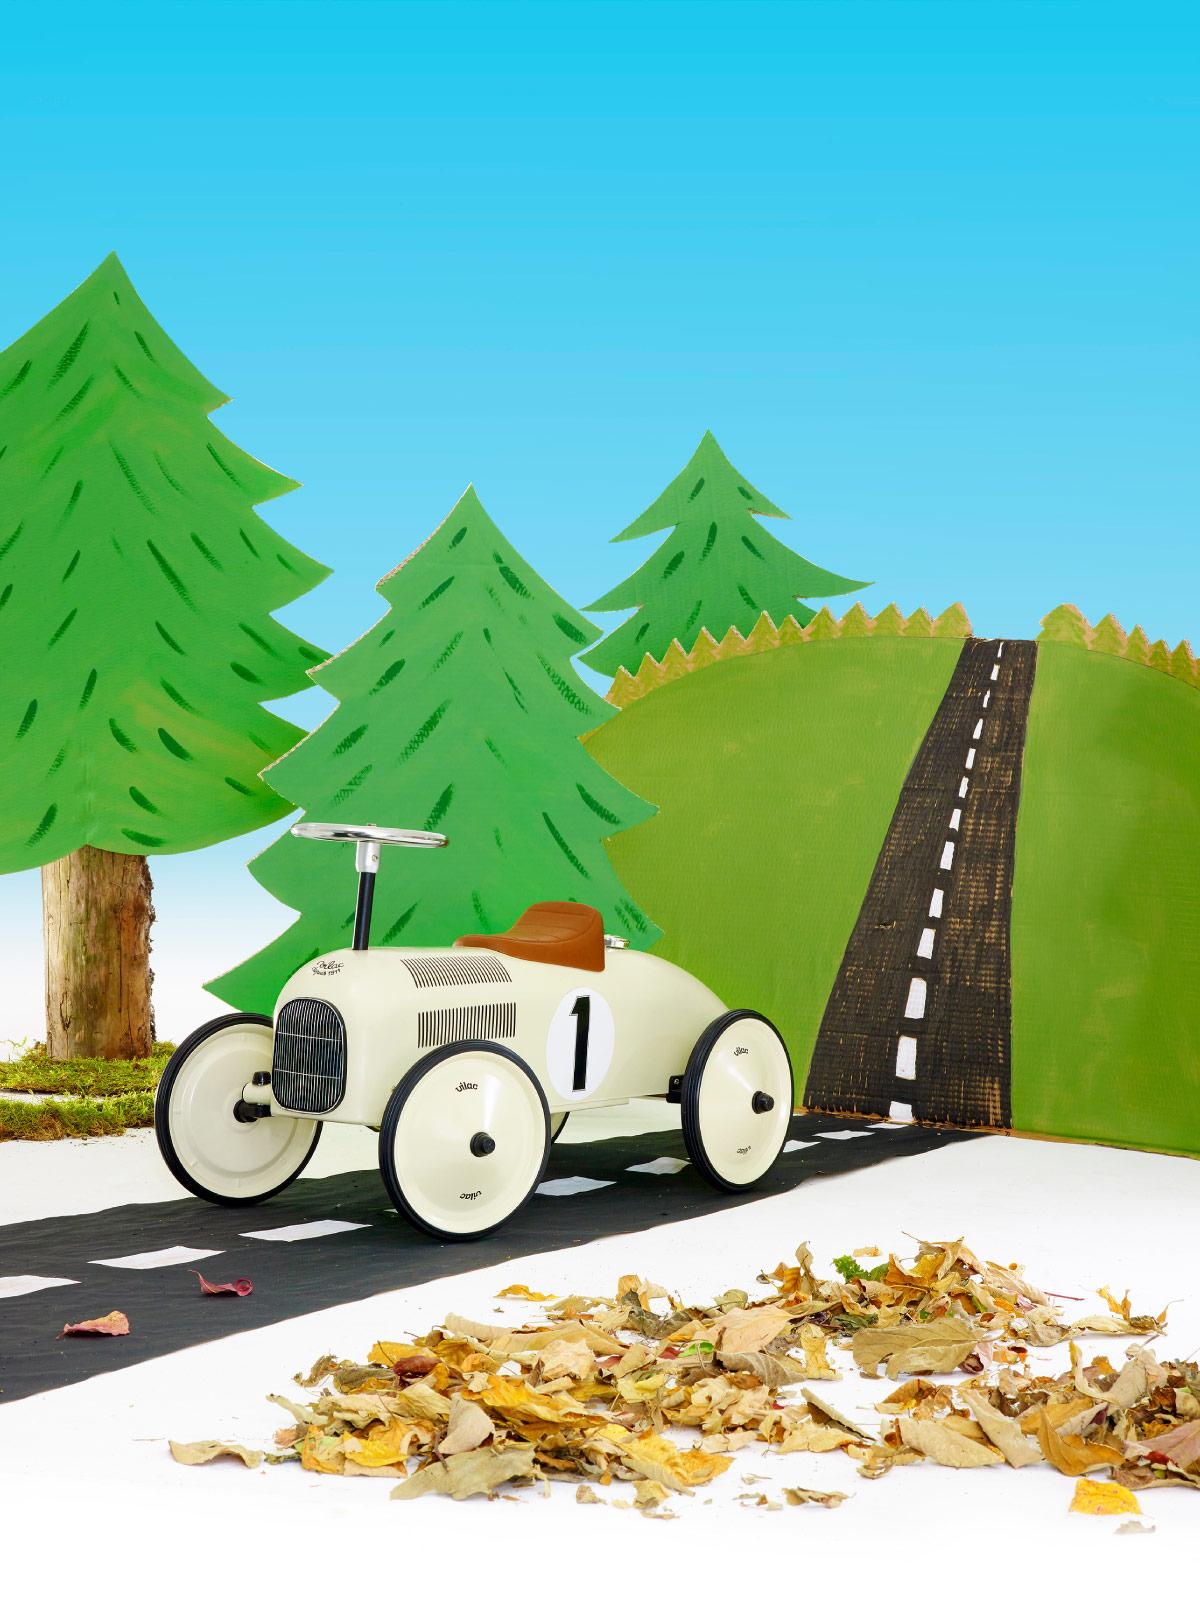 frederickandsophie-toys-vilac-wooden-vintage-car